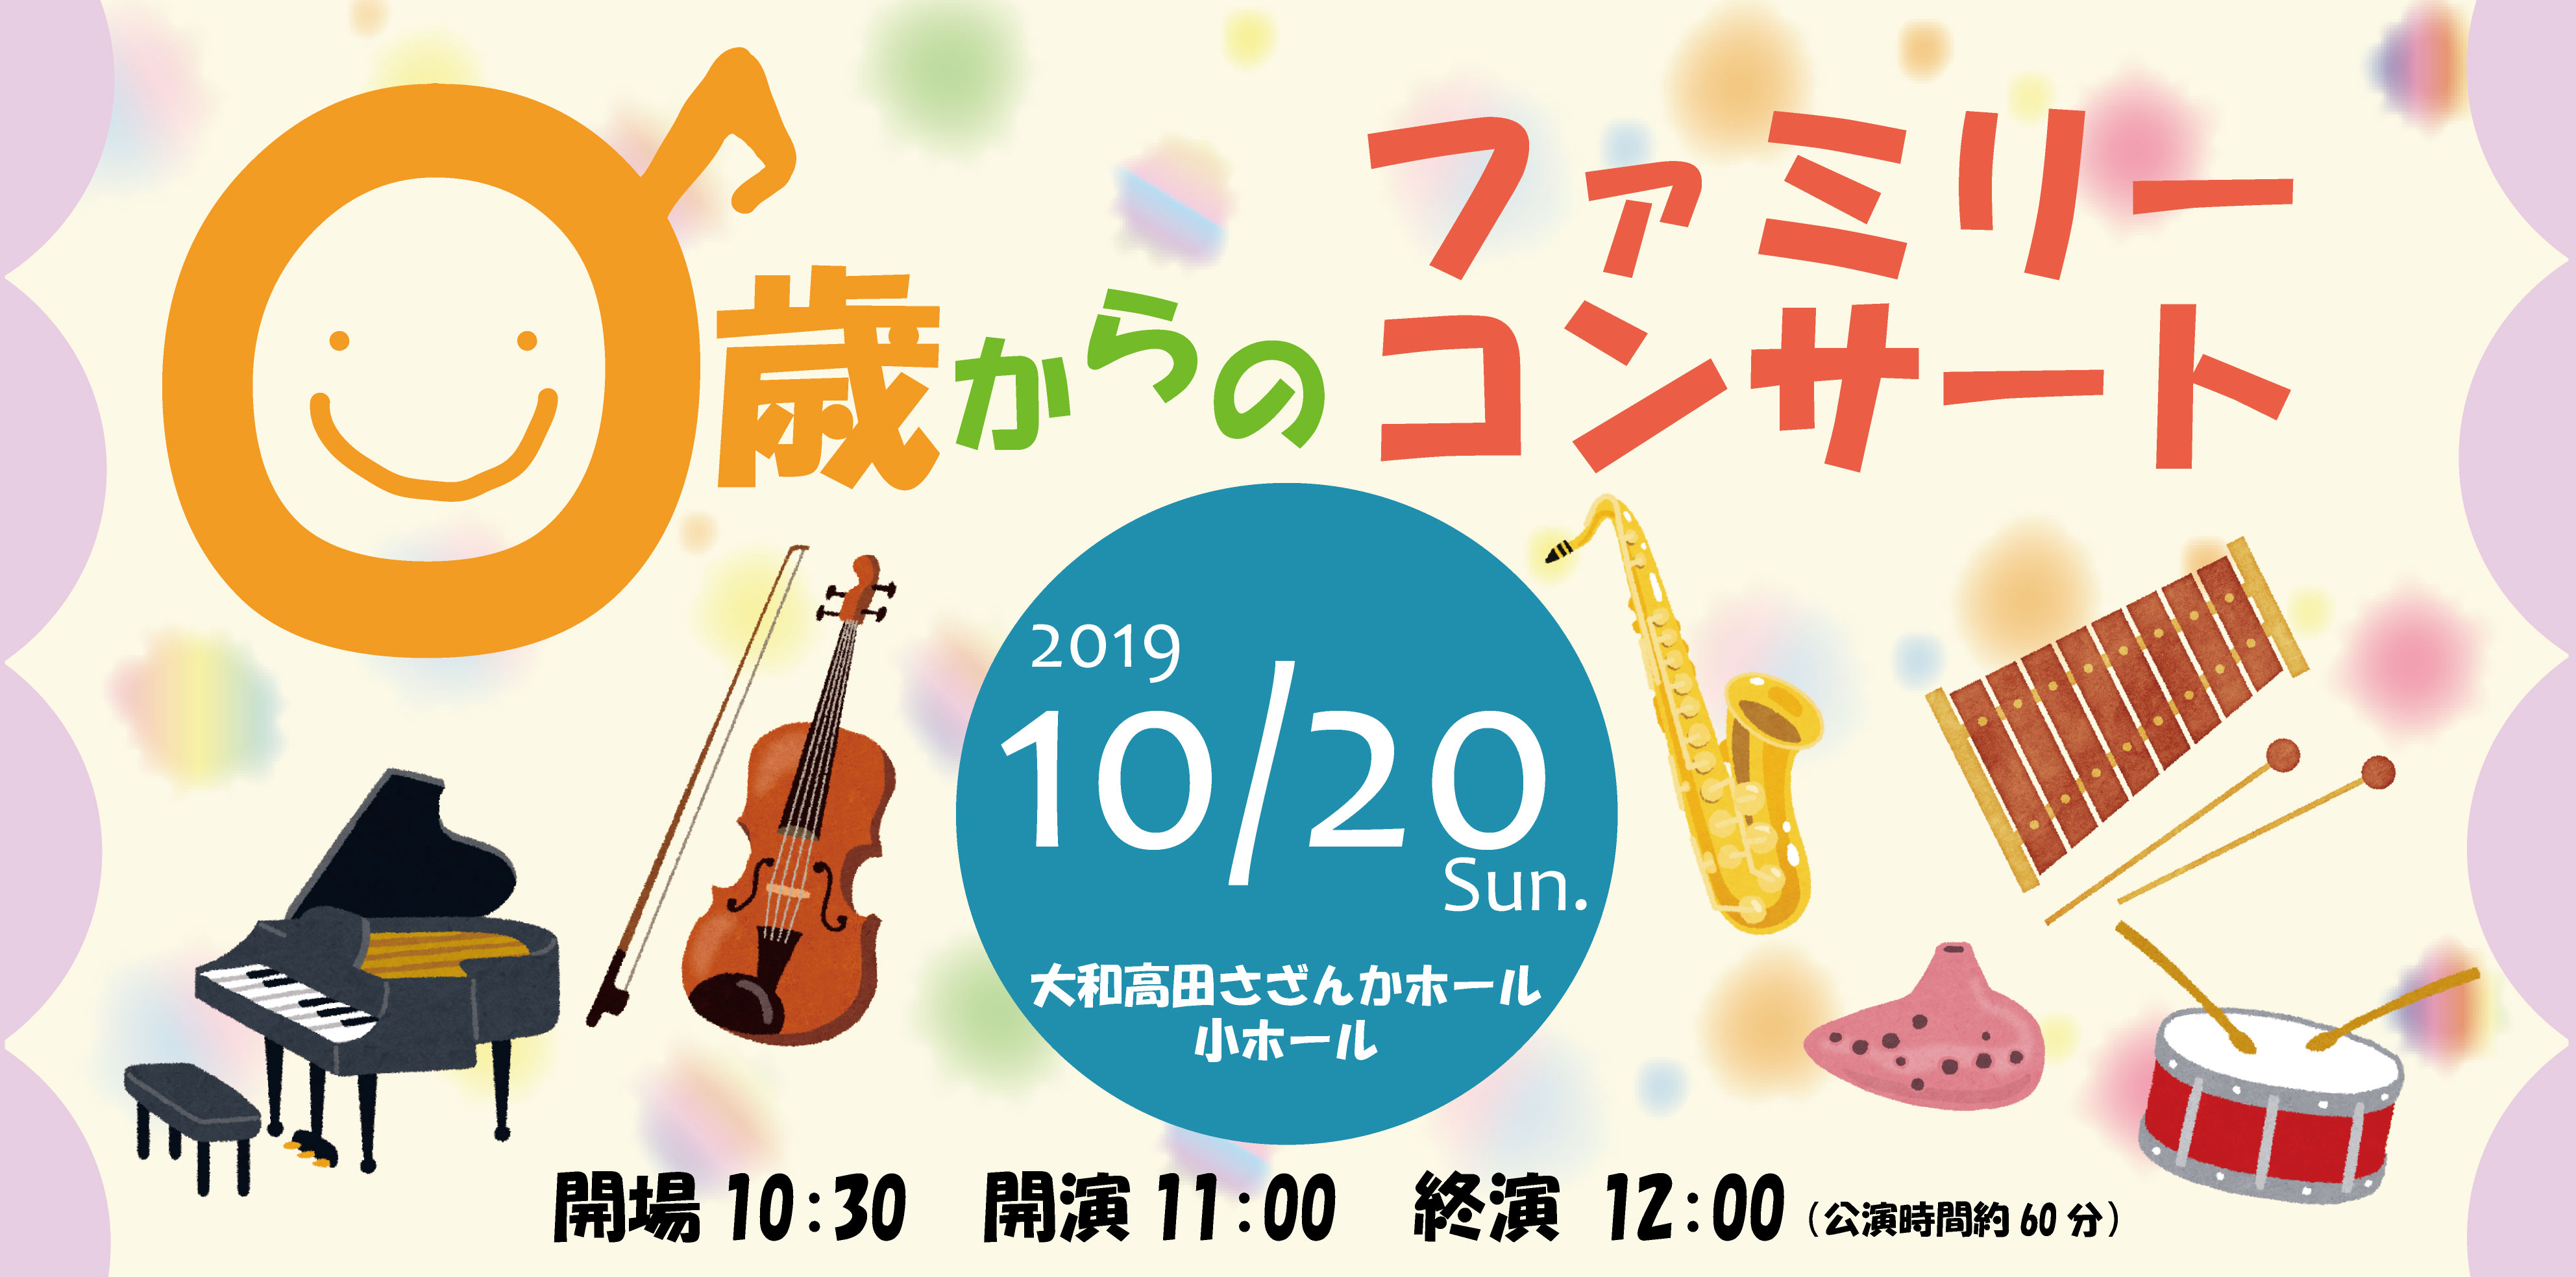 2019年、イベント、奈良県、大和高田市、9月、ホール、観賞、ライブ、コンサート、0歳からのファミリーコンサート。